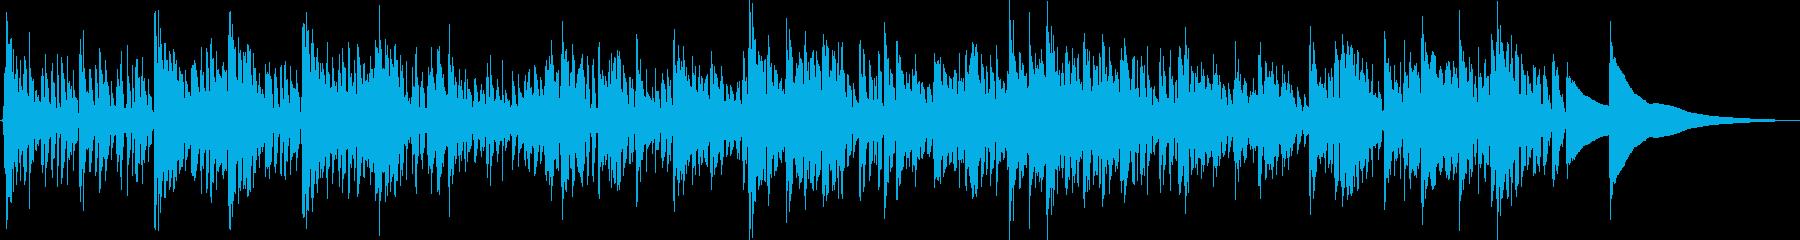 エスニックで疾走感のある曲です。の再生済みの波形